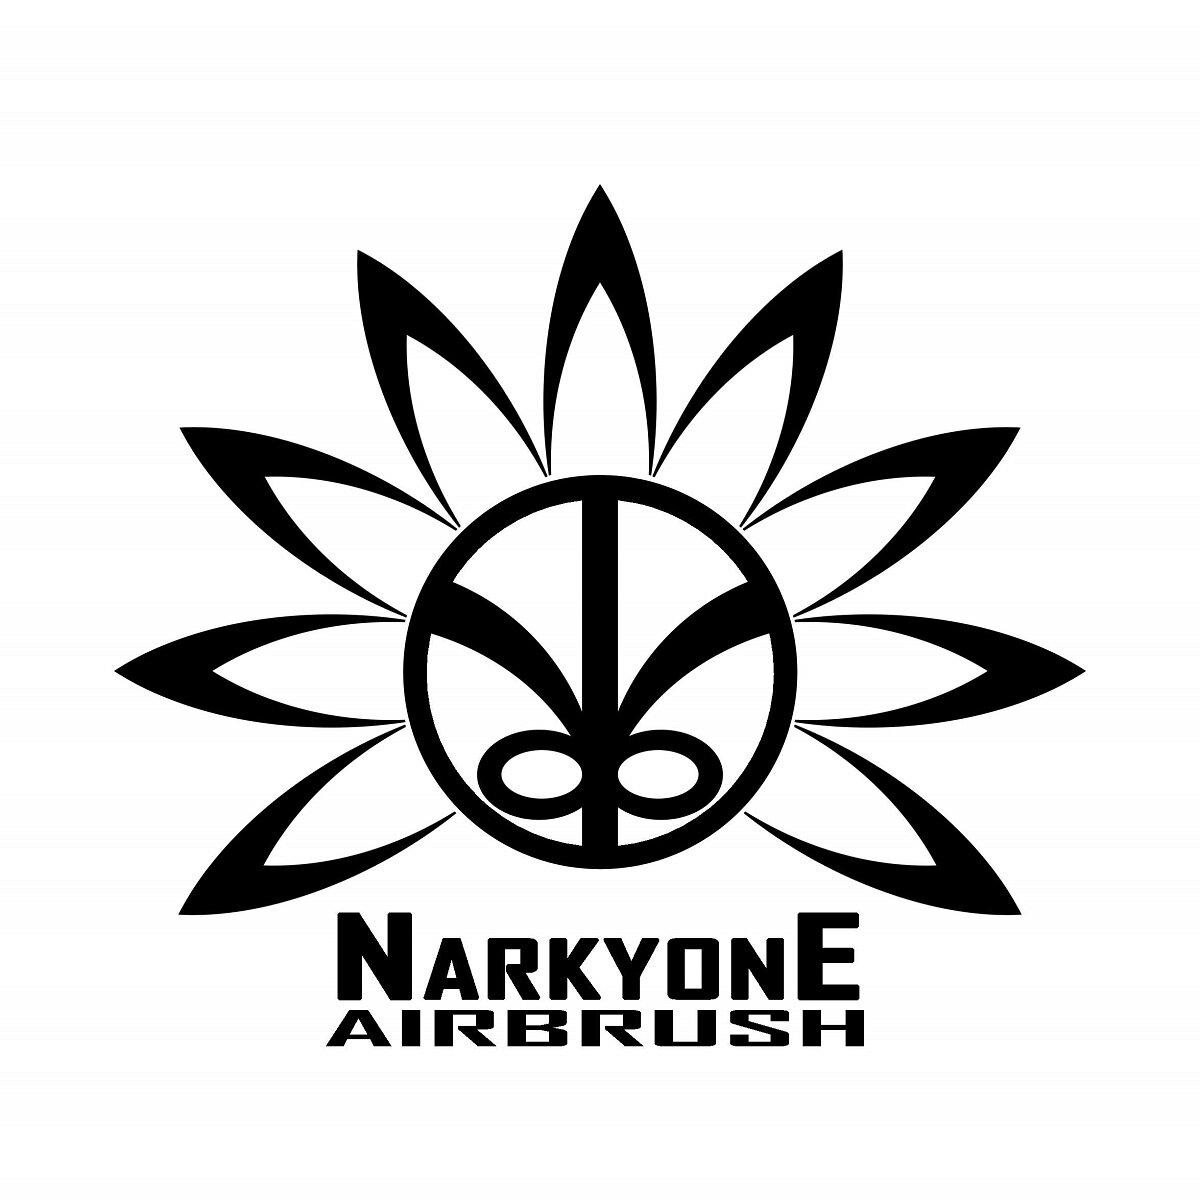 narkyone